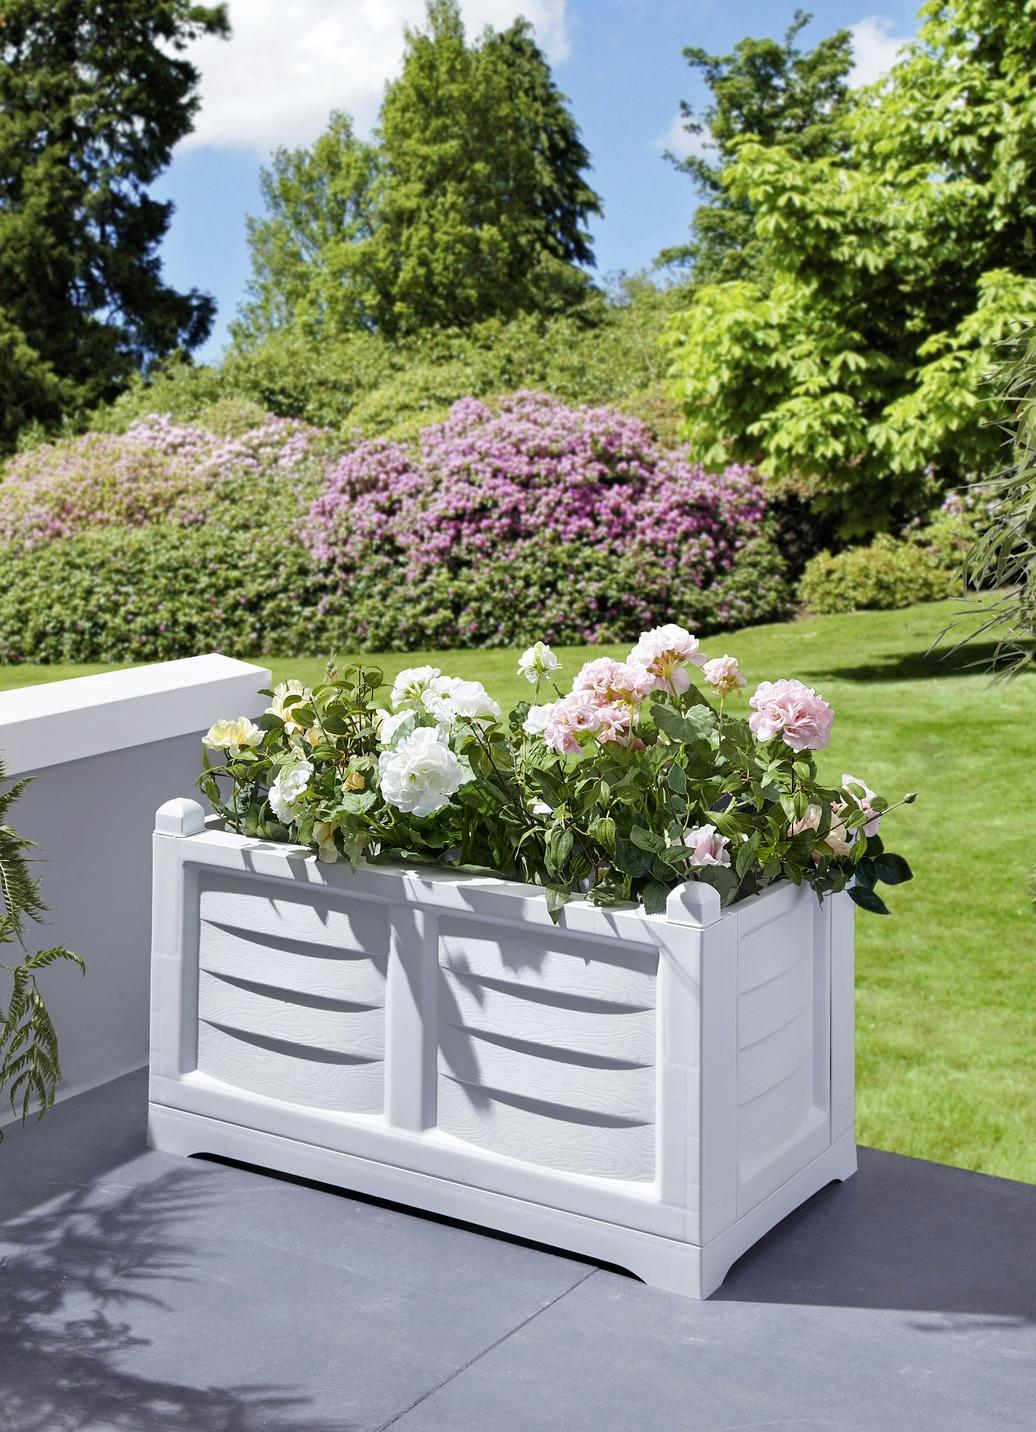 spalier pflanzkasten preise vergleichen und g nstig einkaufen bei der preis. Black Bedroom Furniture Sets. Home Design Ideas